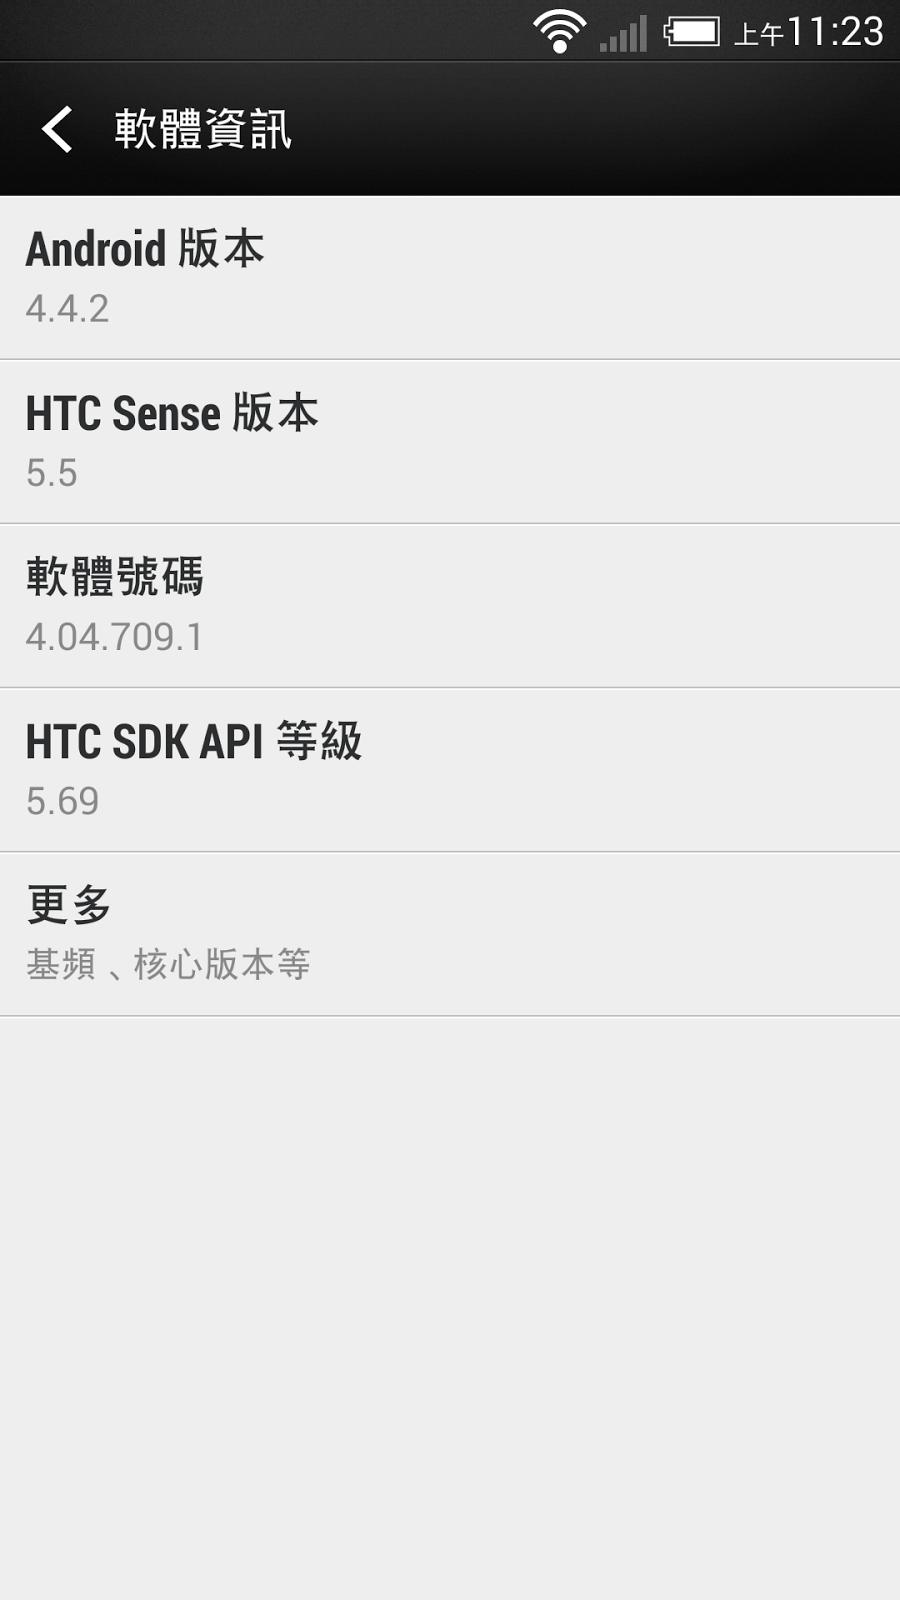 爪哇小子: 【筆記】如何開啟Android手機(以HTC Butterfly為例)的開發人員選項